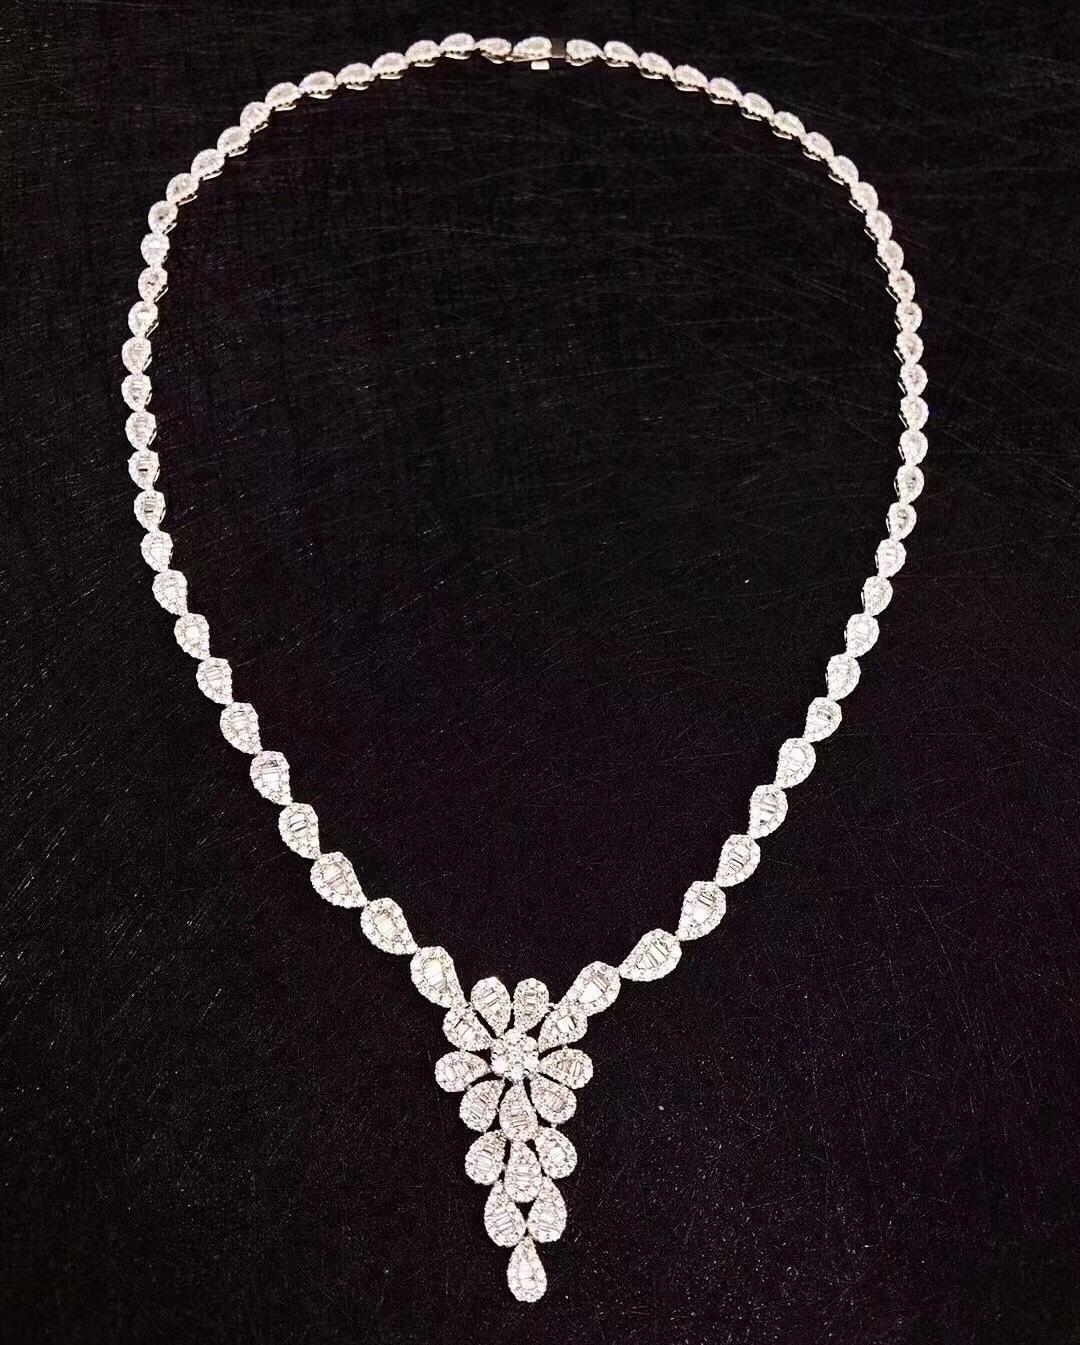 Diamond Necklace by Gem Select Crafts